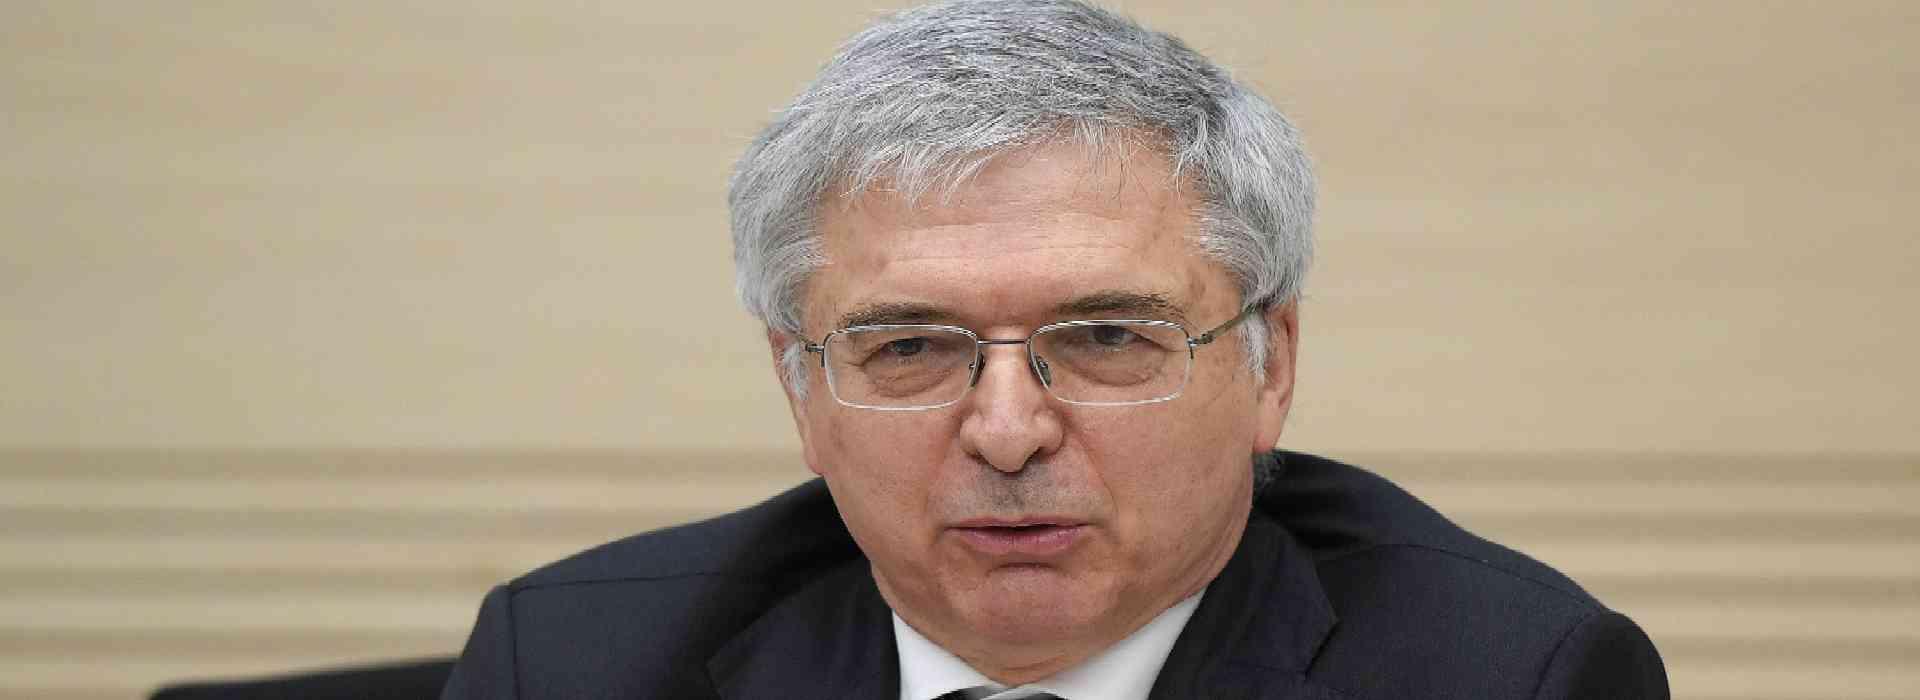 Cartelle esattoriali: il ministro dell'Economia Franco sceglie di non decidere